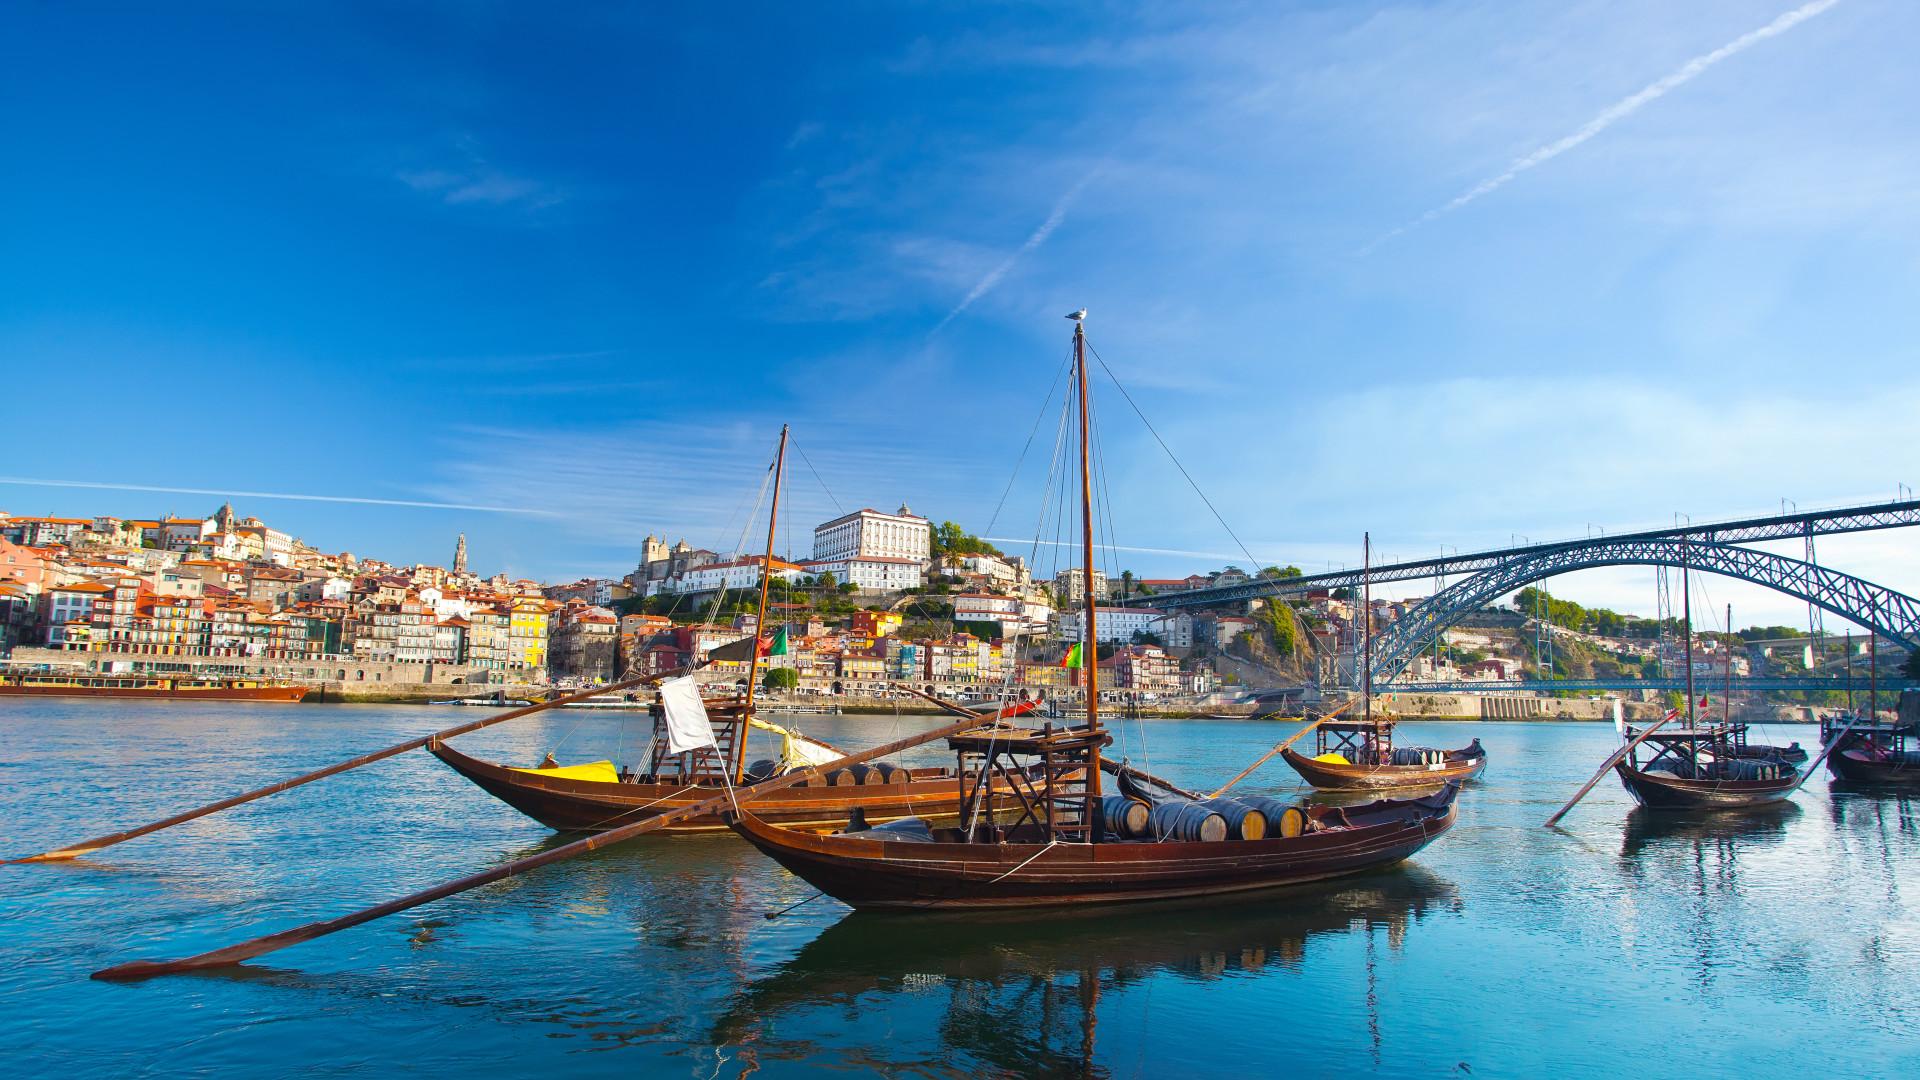 Uitzicht op brug en oude traditionele boten met wijnvaten, Porto, Portugal